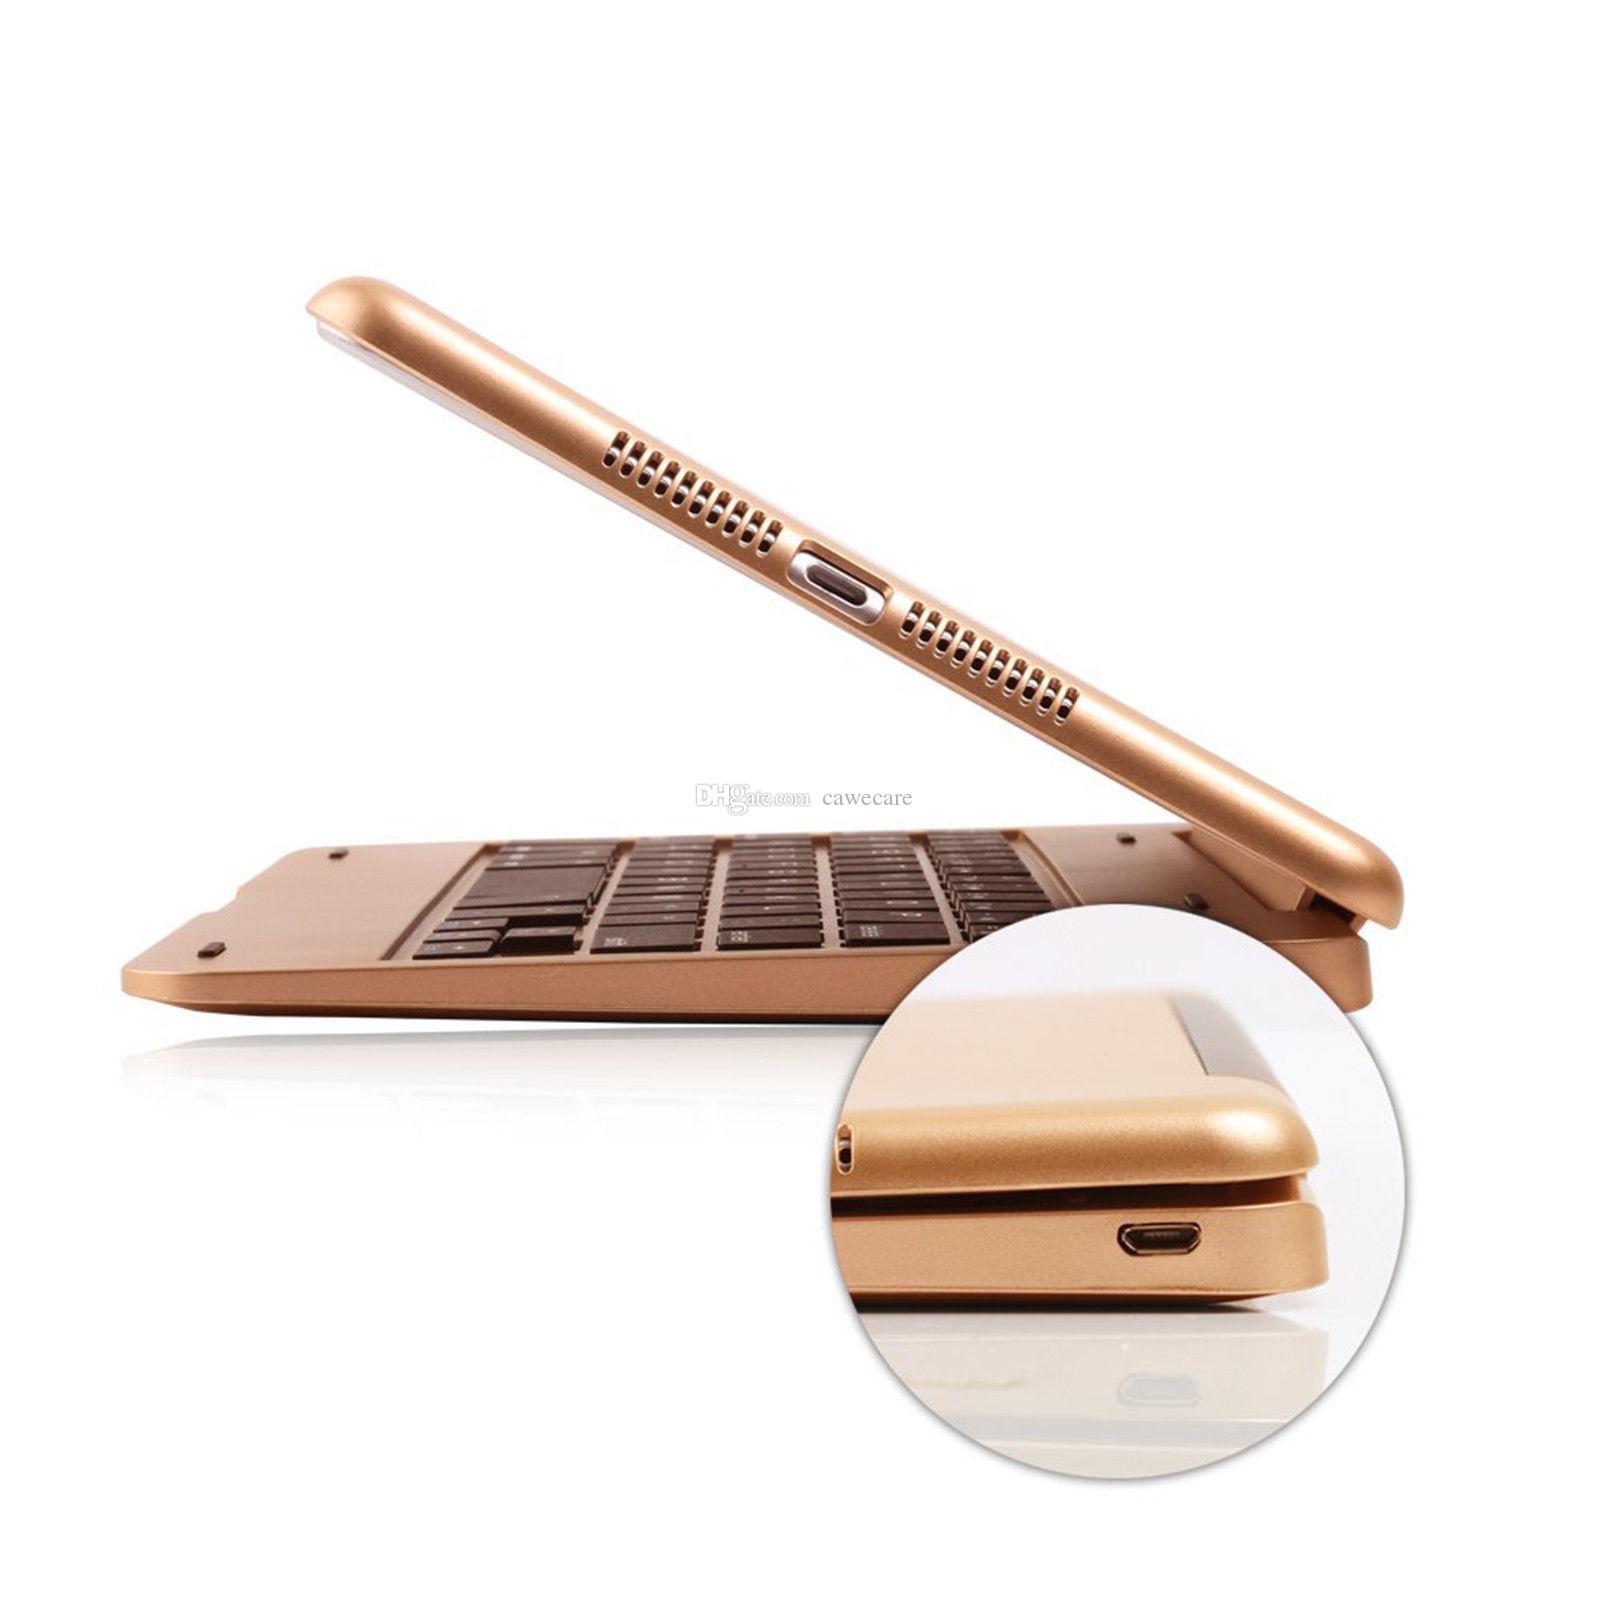 غطاء لوحة مفاتيح بلوتوث 3.0 لاسلكية قابلة للطي حامل لسادة ميني 3/2/1 C081 متعدد الألوان الخيارات ABS